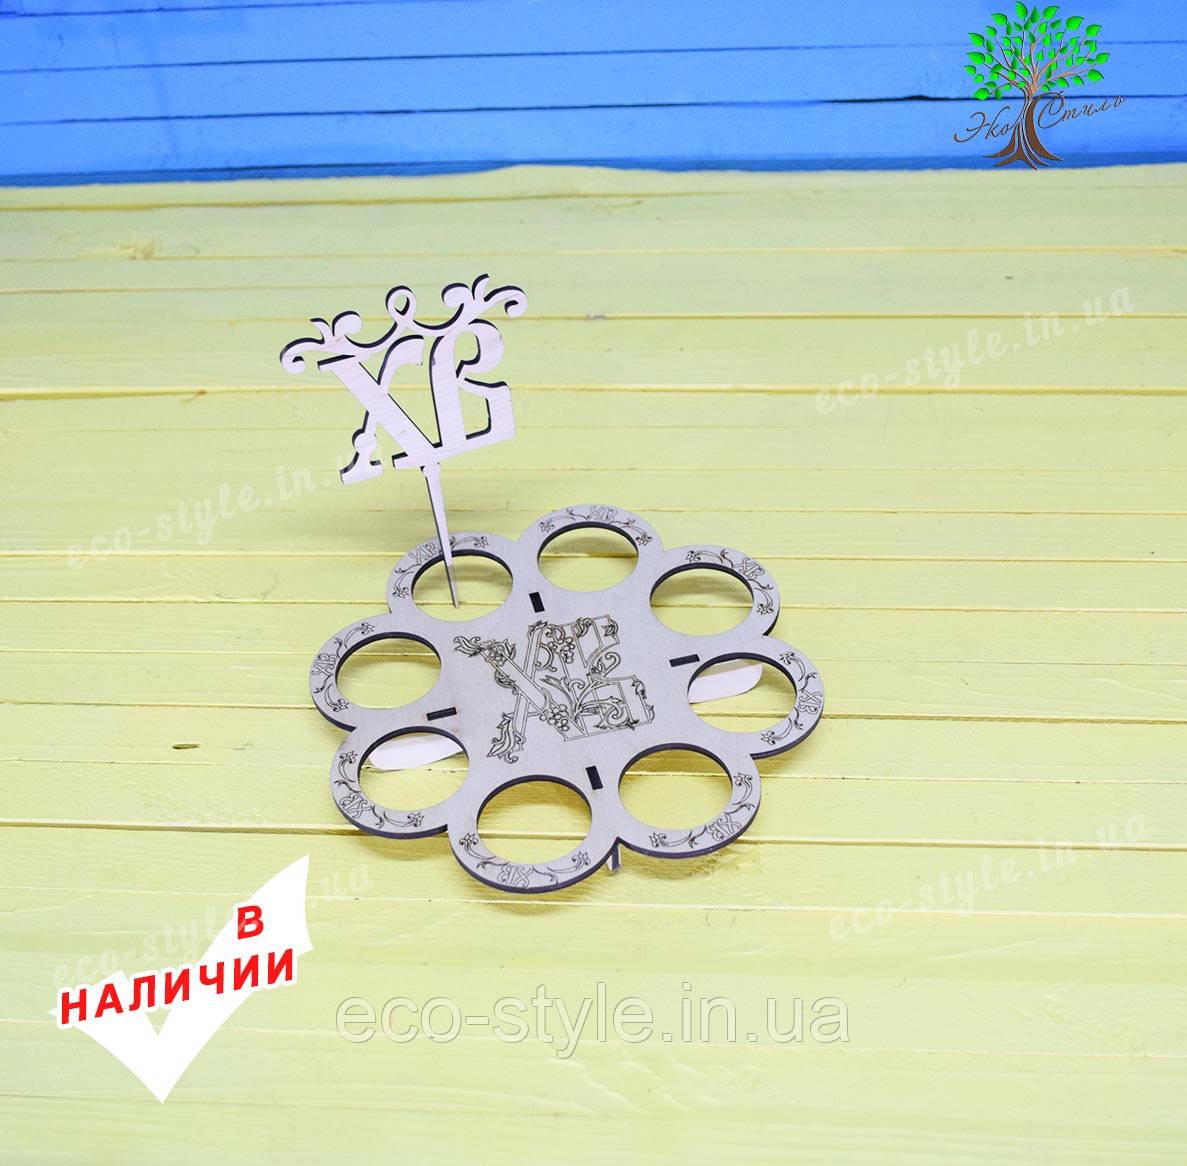 Пасхальная подставка для яиц и паски, пасхальный декор